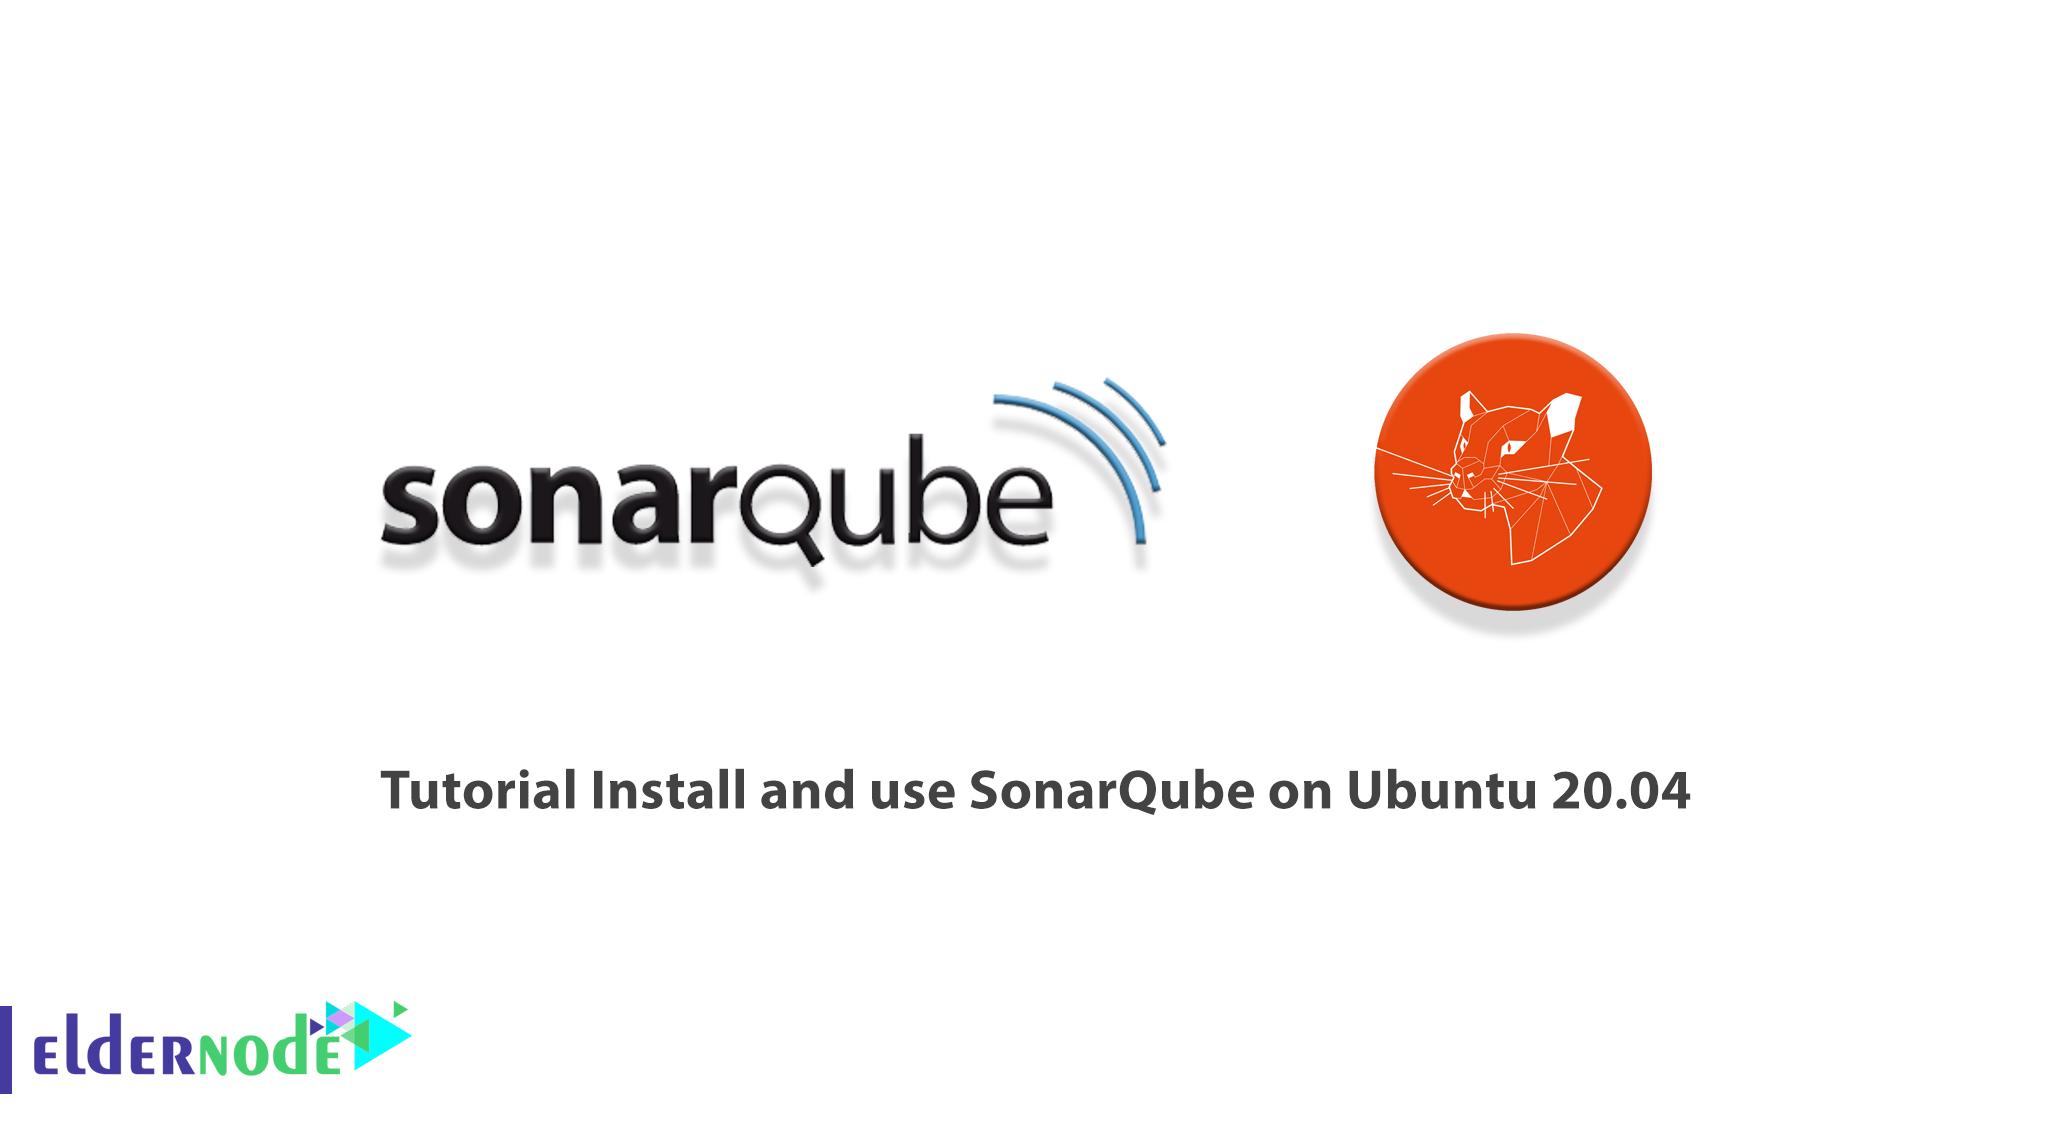 Tutorial Install and use SonarQube on Ubuntu 20.04